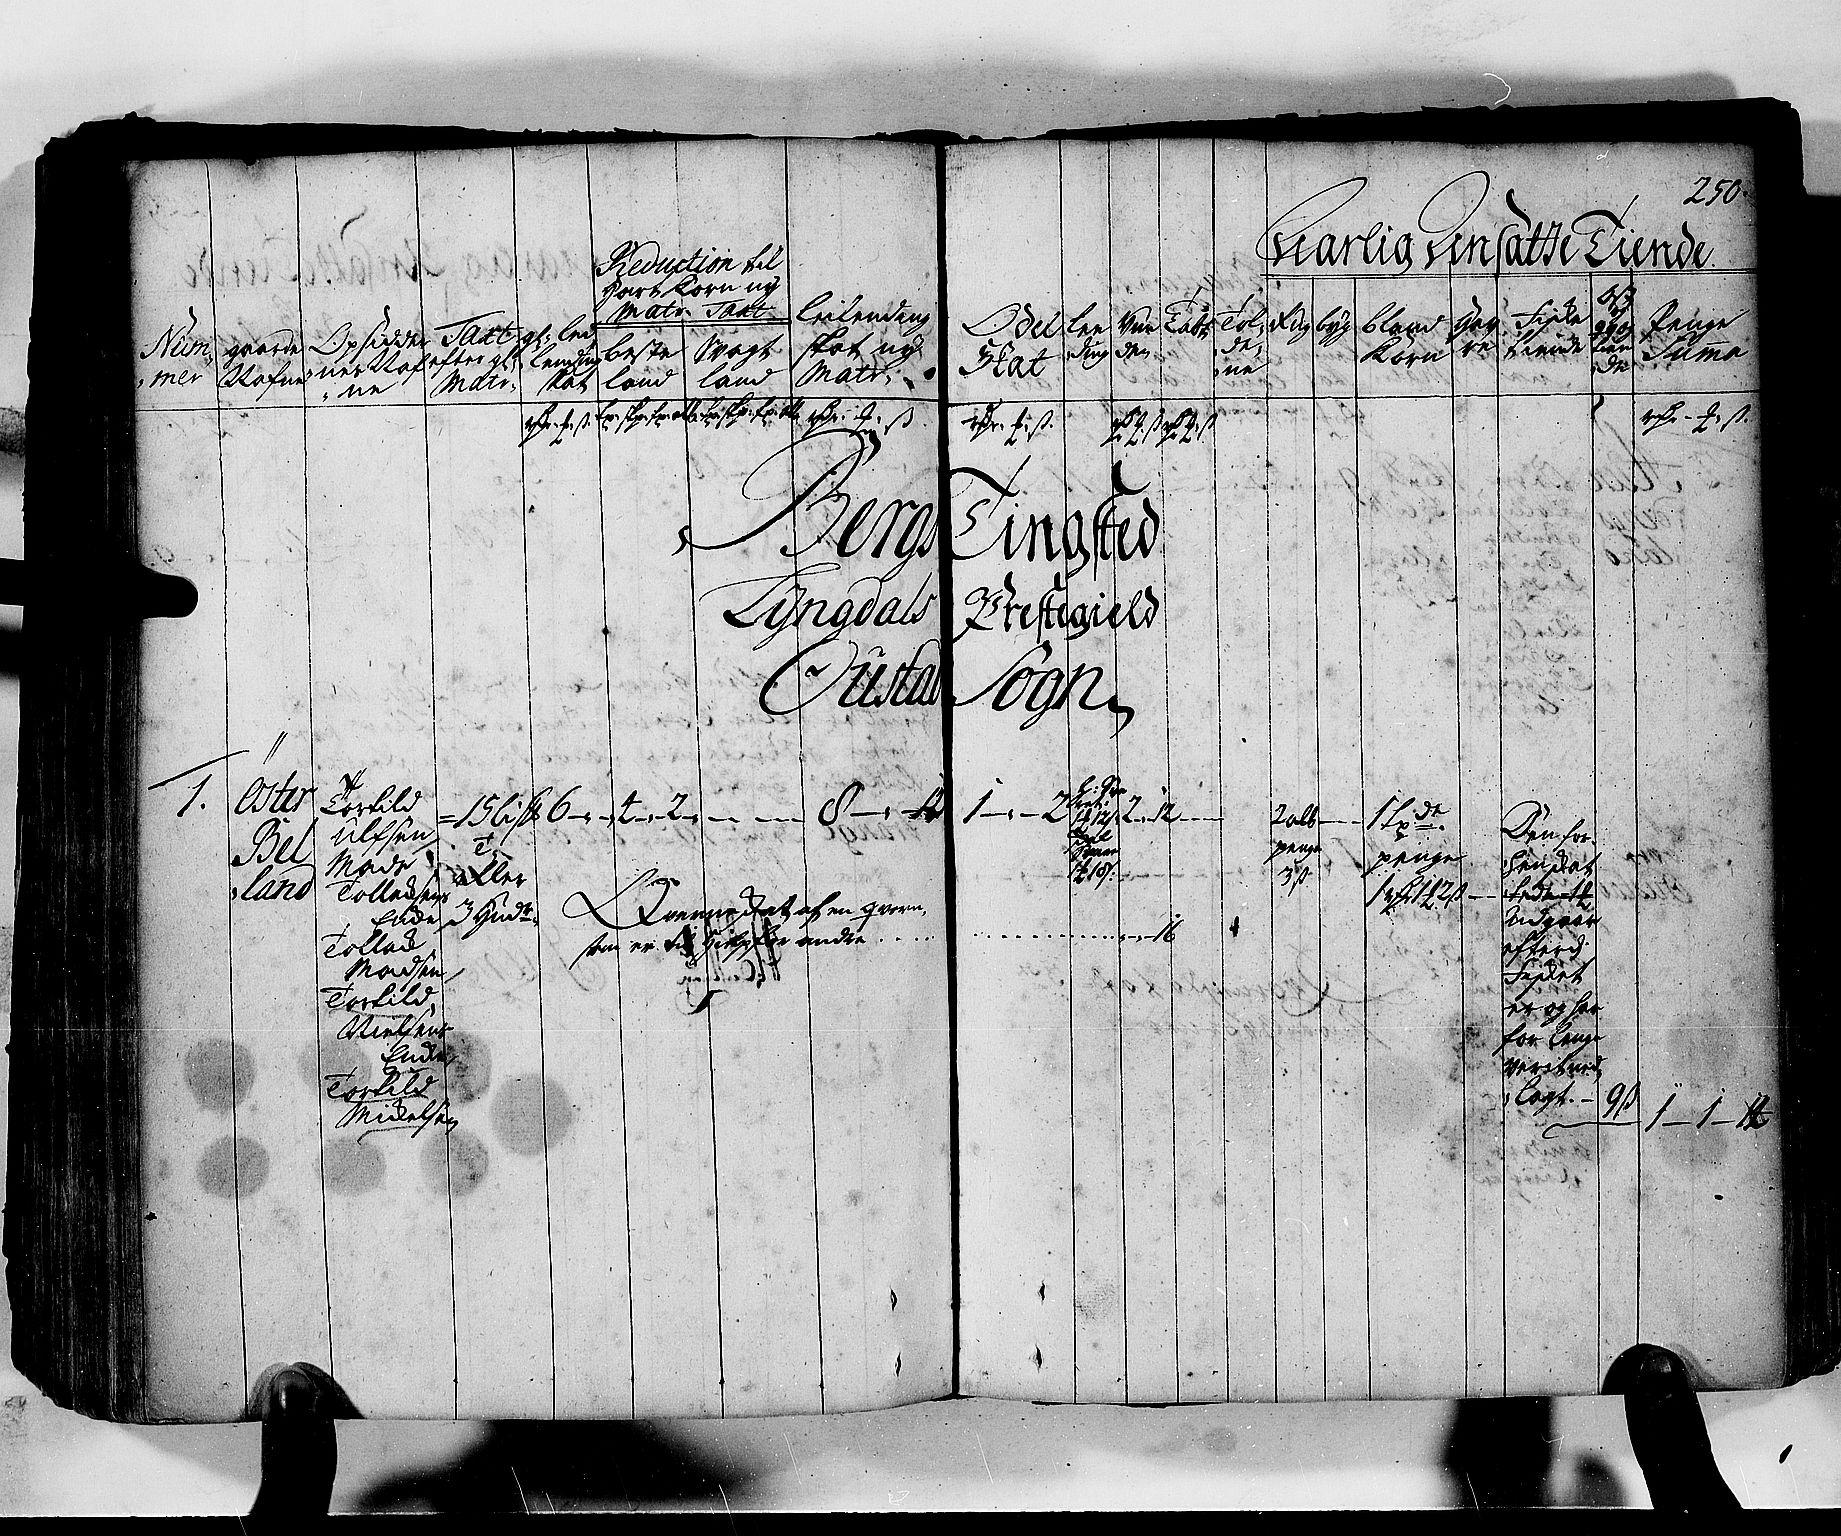 RA, Rentekammeret inntil 1814, Realistisk ordnet avdeling, N/Nb/Nbf/L0130: Lista matrikkelprotokoll, 1723, s. 249b-250a